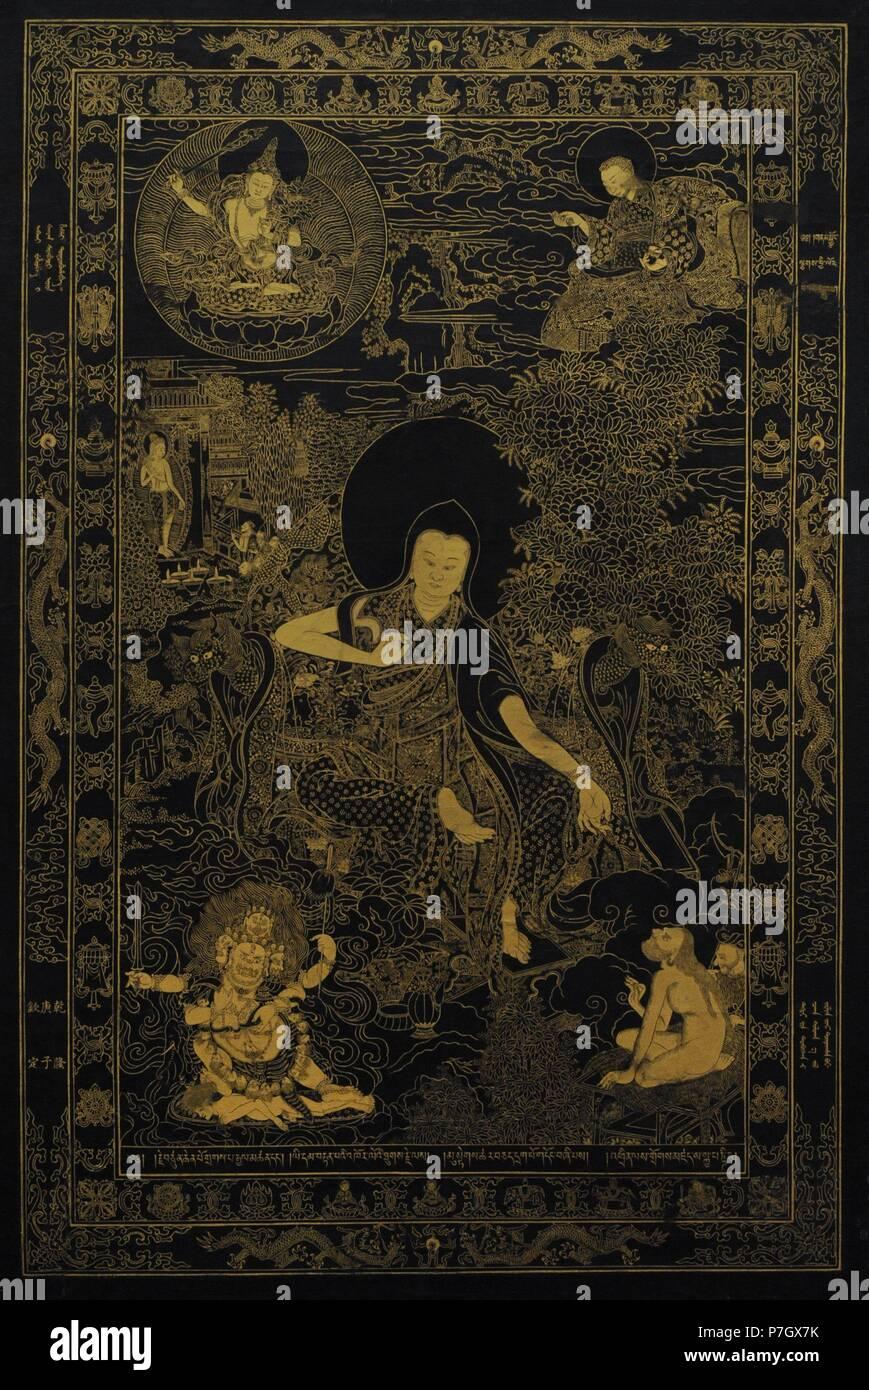 El líder espiritual tibetano Lama Skaya Pandita (1182-1251). El Tíbet. A principios del siglo XVIII. Los colores en el lienzo. El Museo Estatal del Hermitage. San Petersburgo. Rusia. Foto de stock